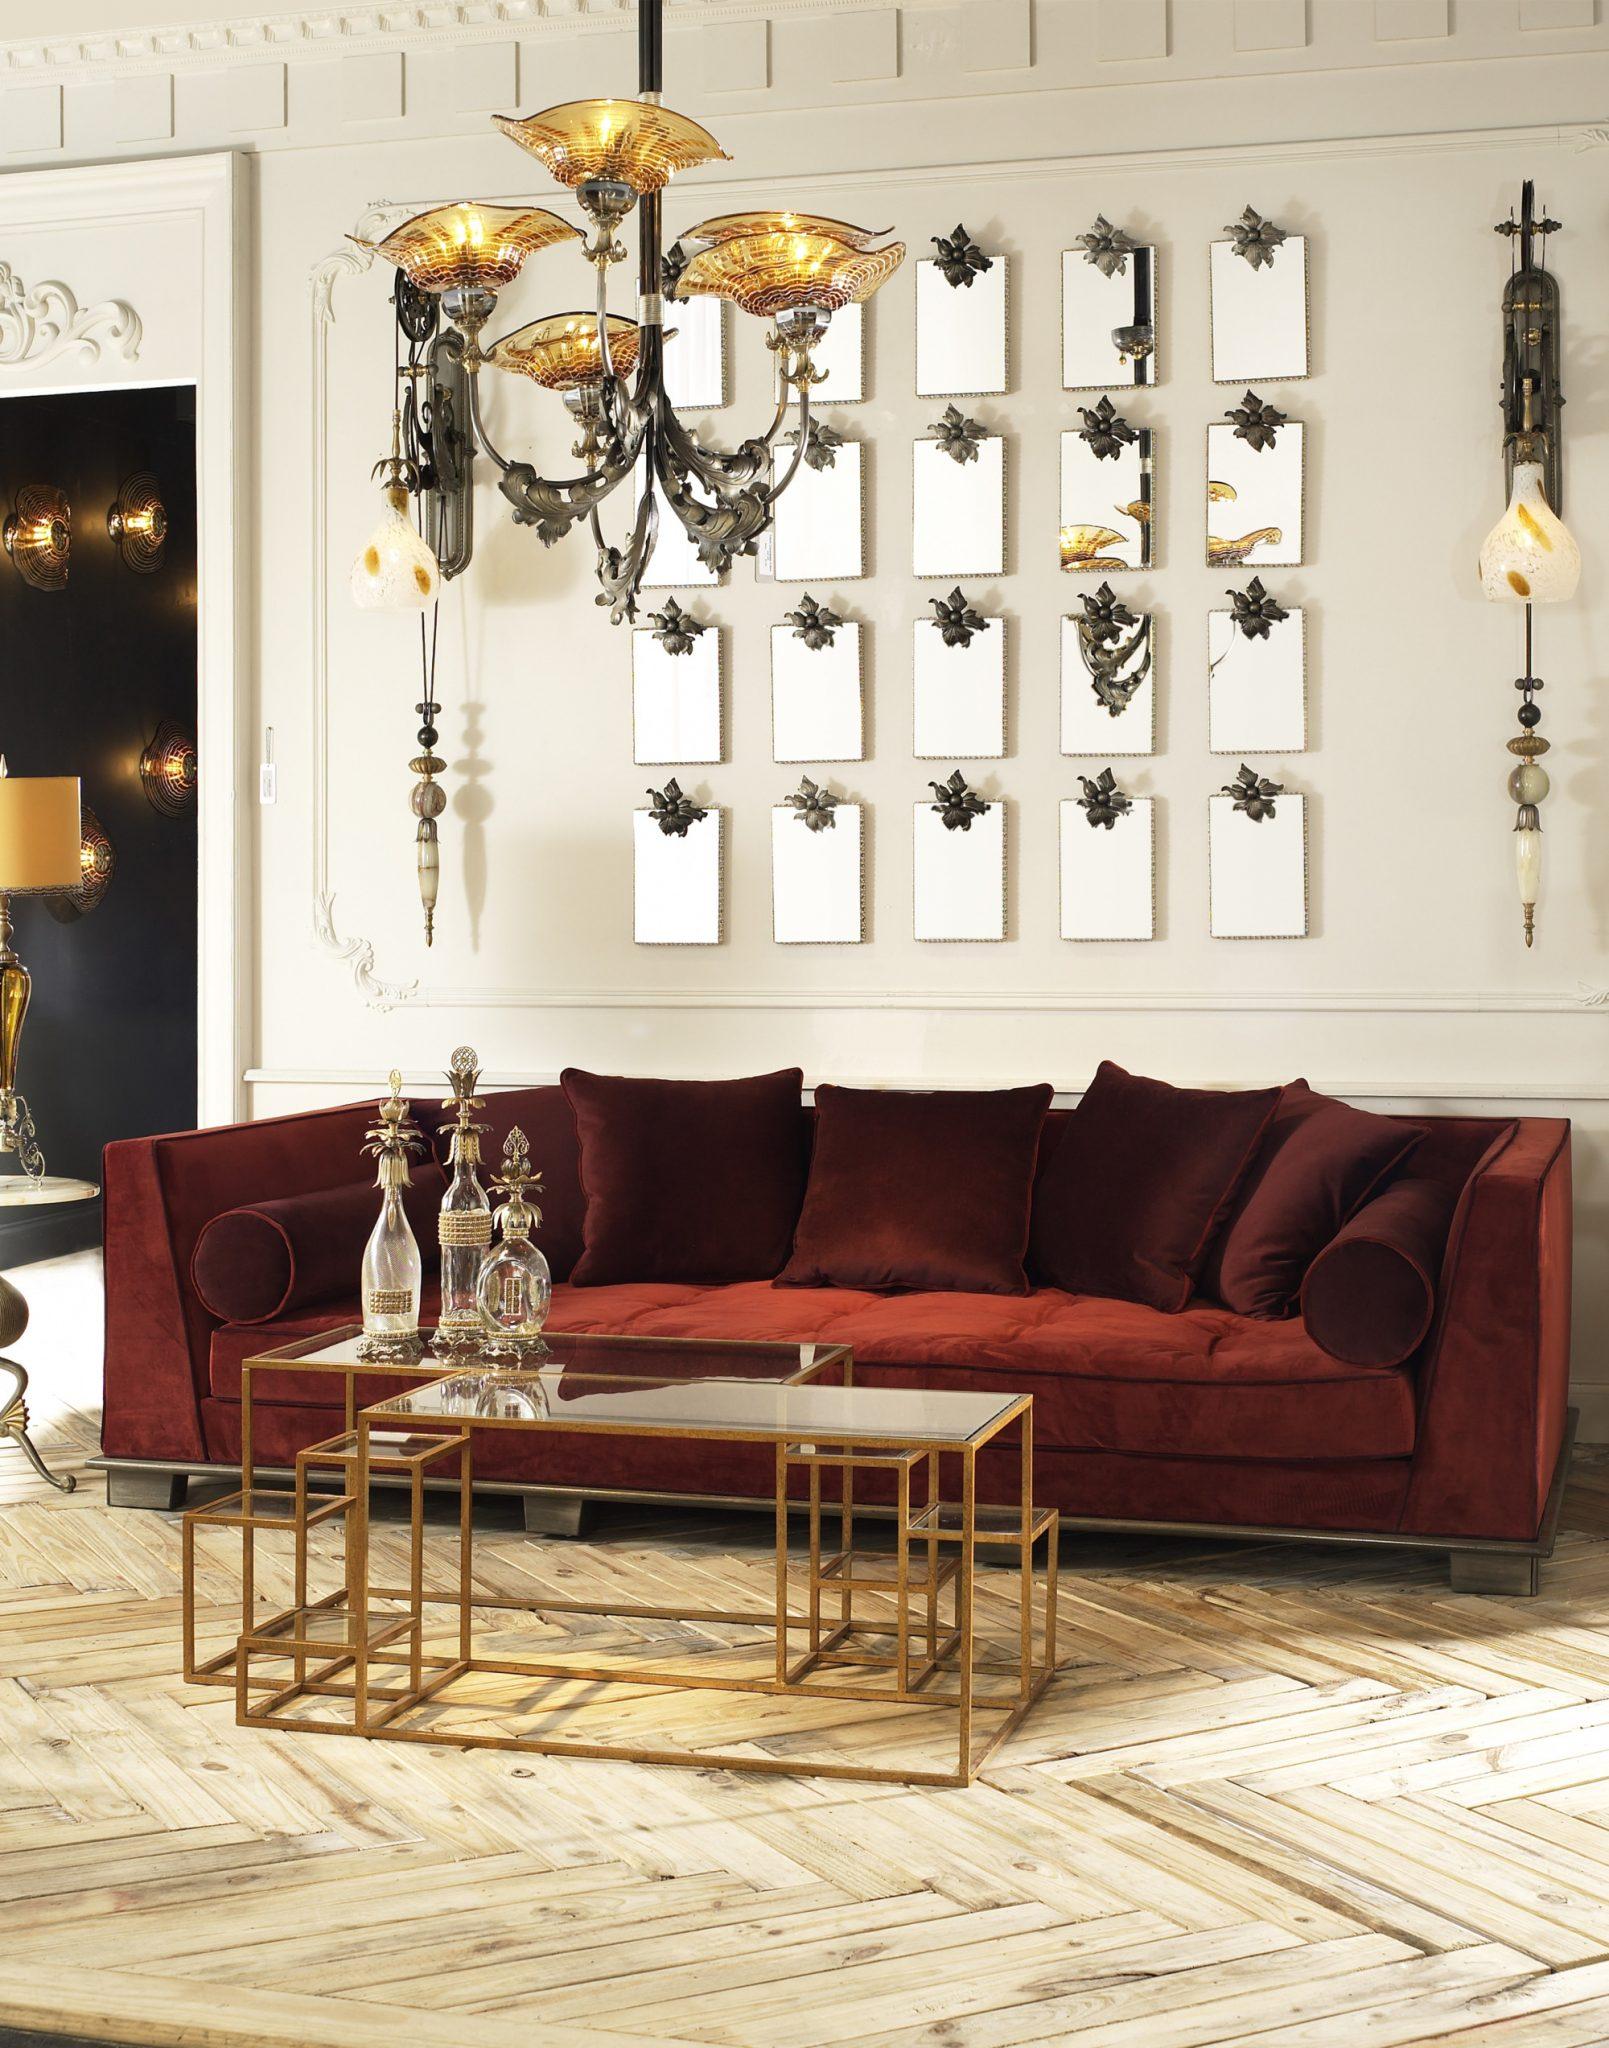 Luna Bella Tulum Amber And Barcelona Red - Furniture